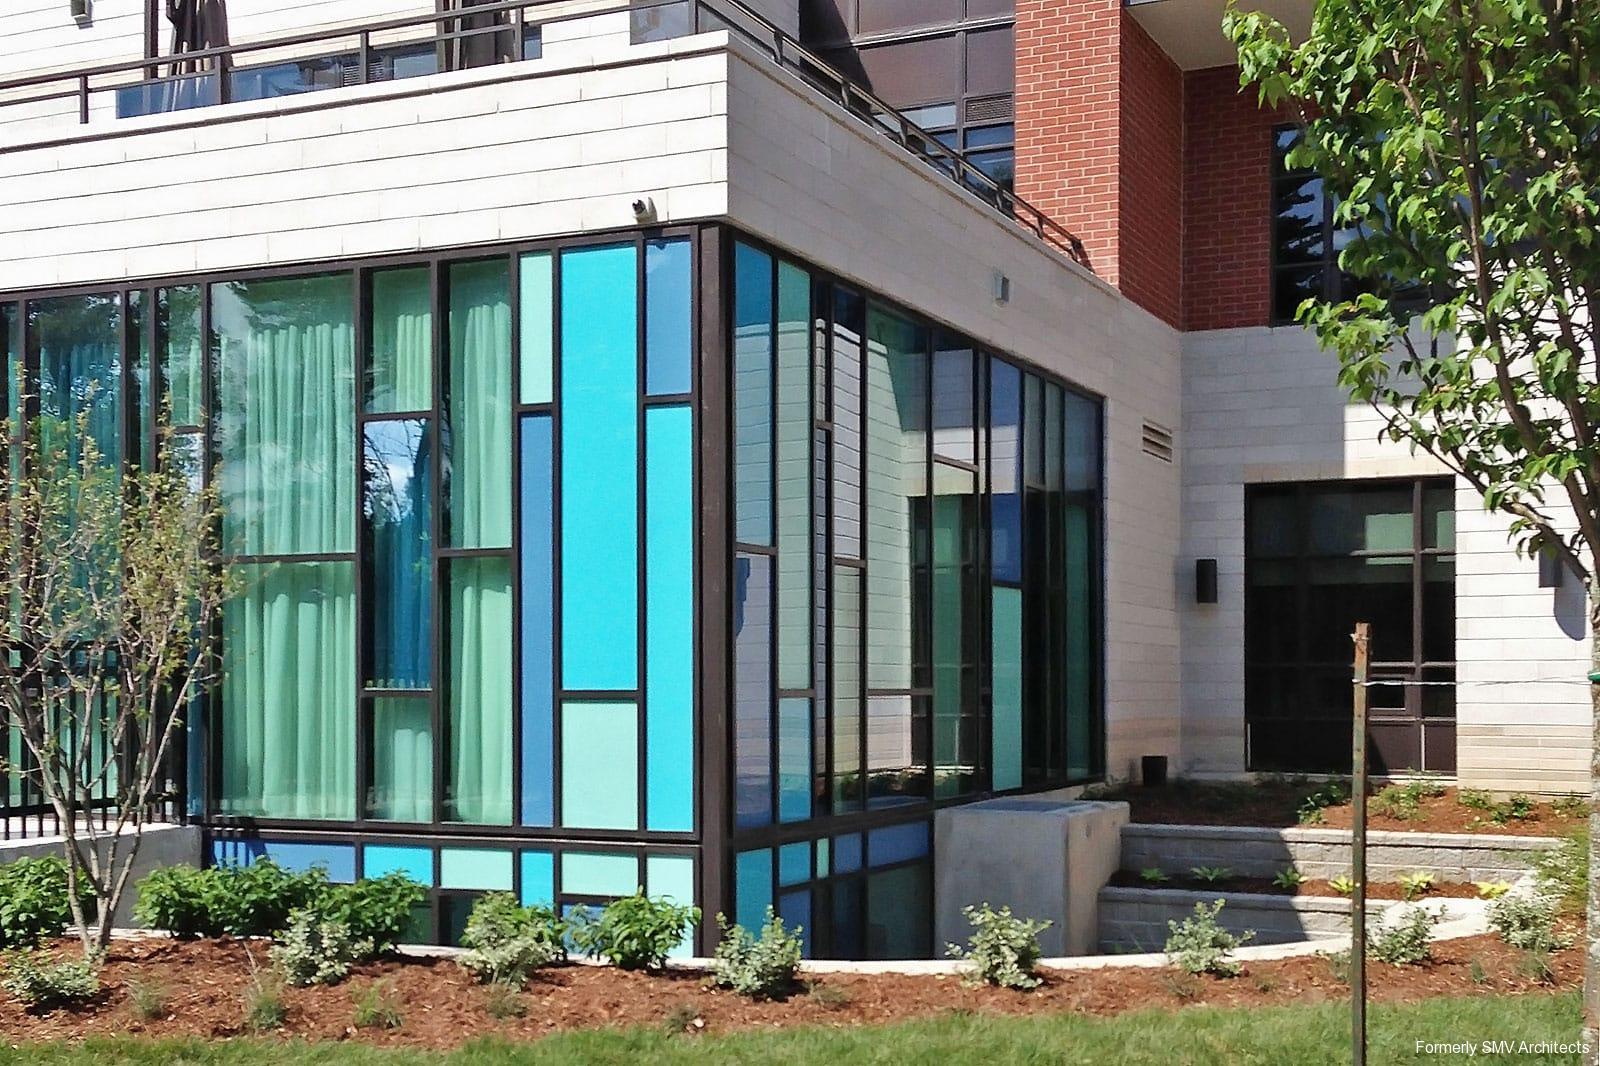 glasswork-on-lower-floors